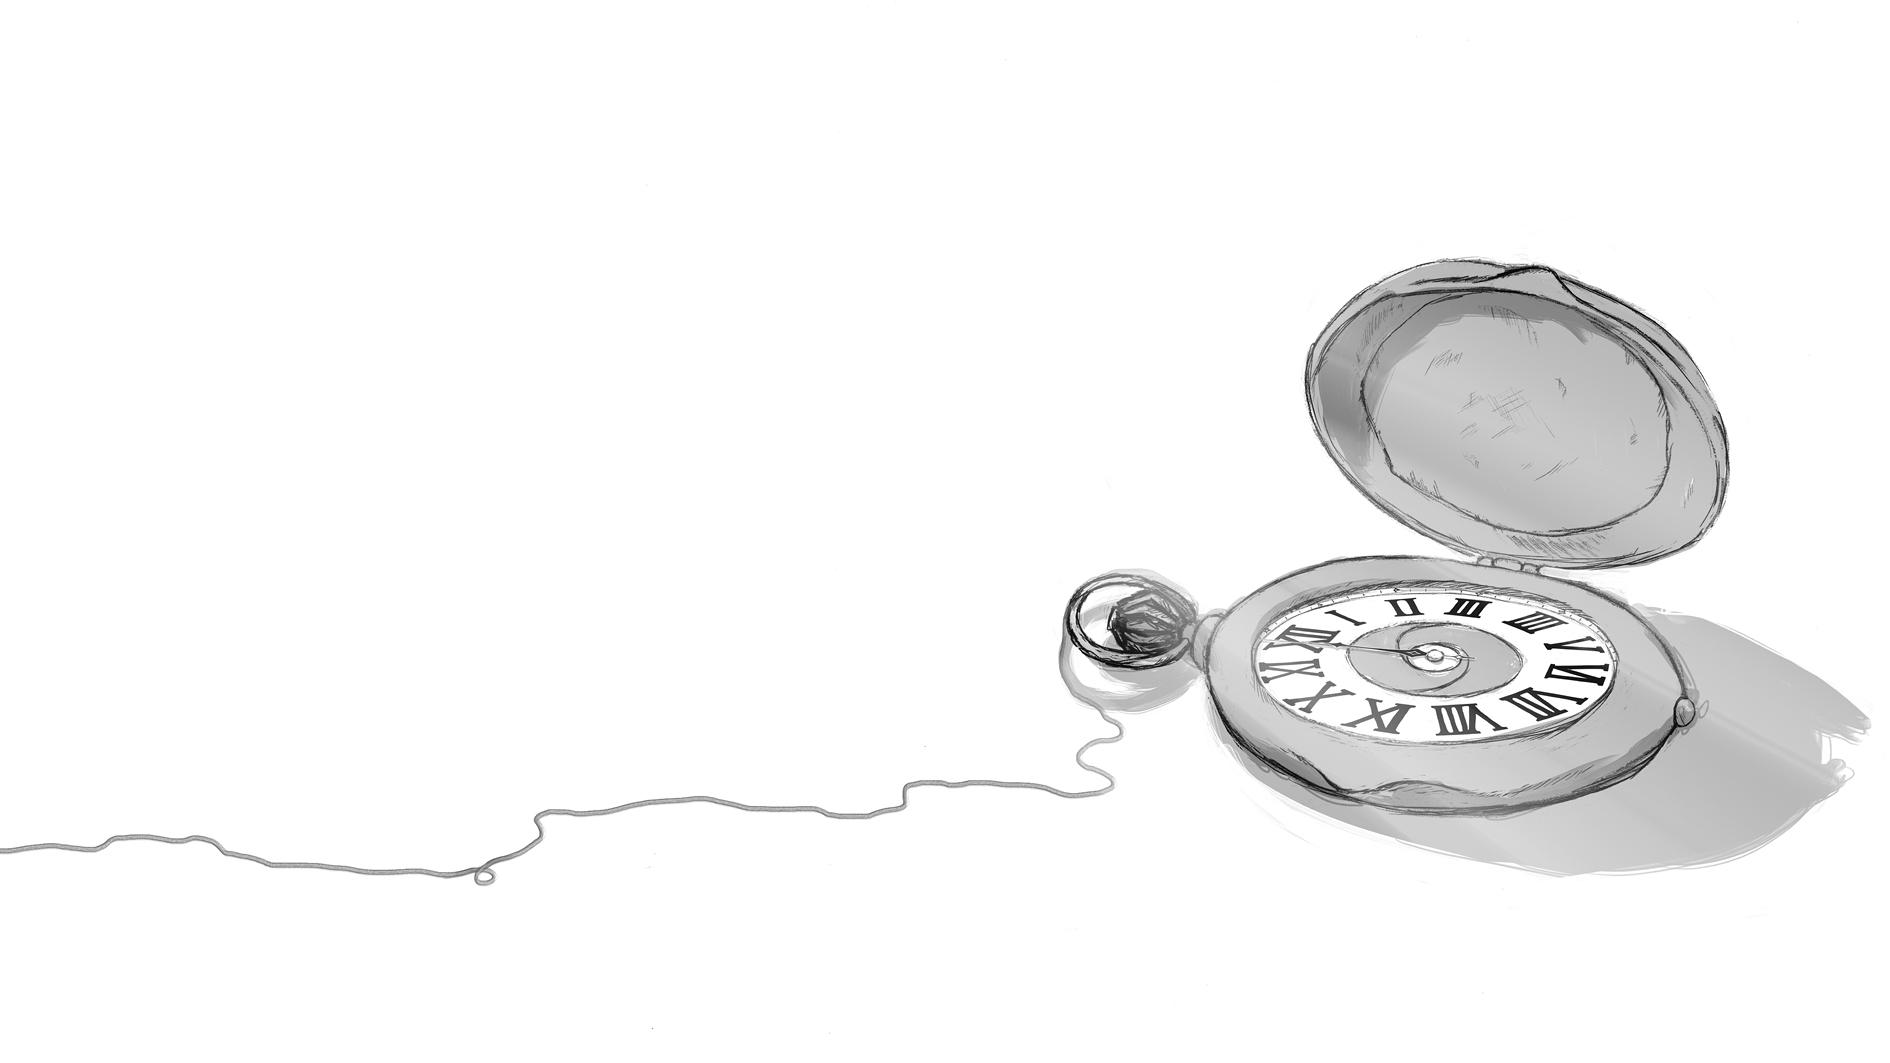 Knietzsche und das Hosentaschen-Orakel, Headerbild